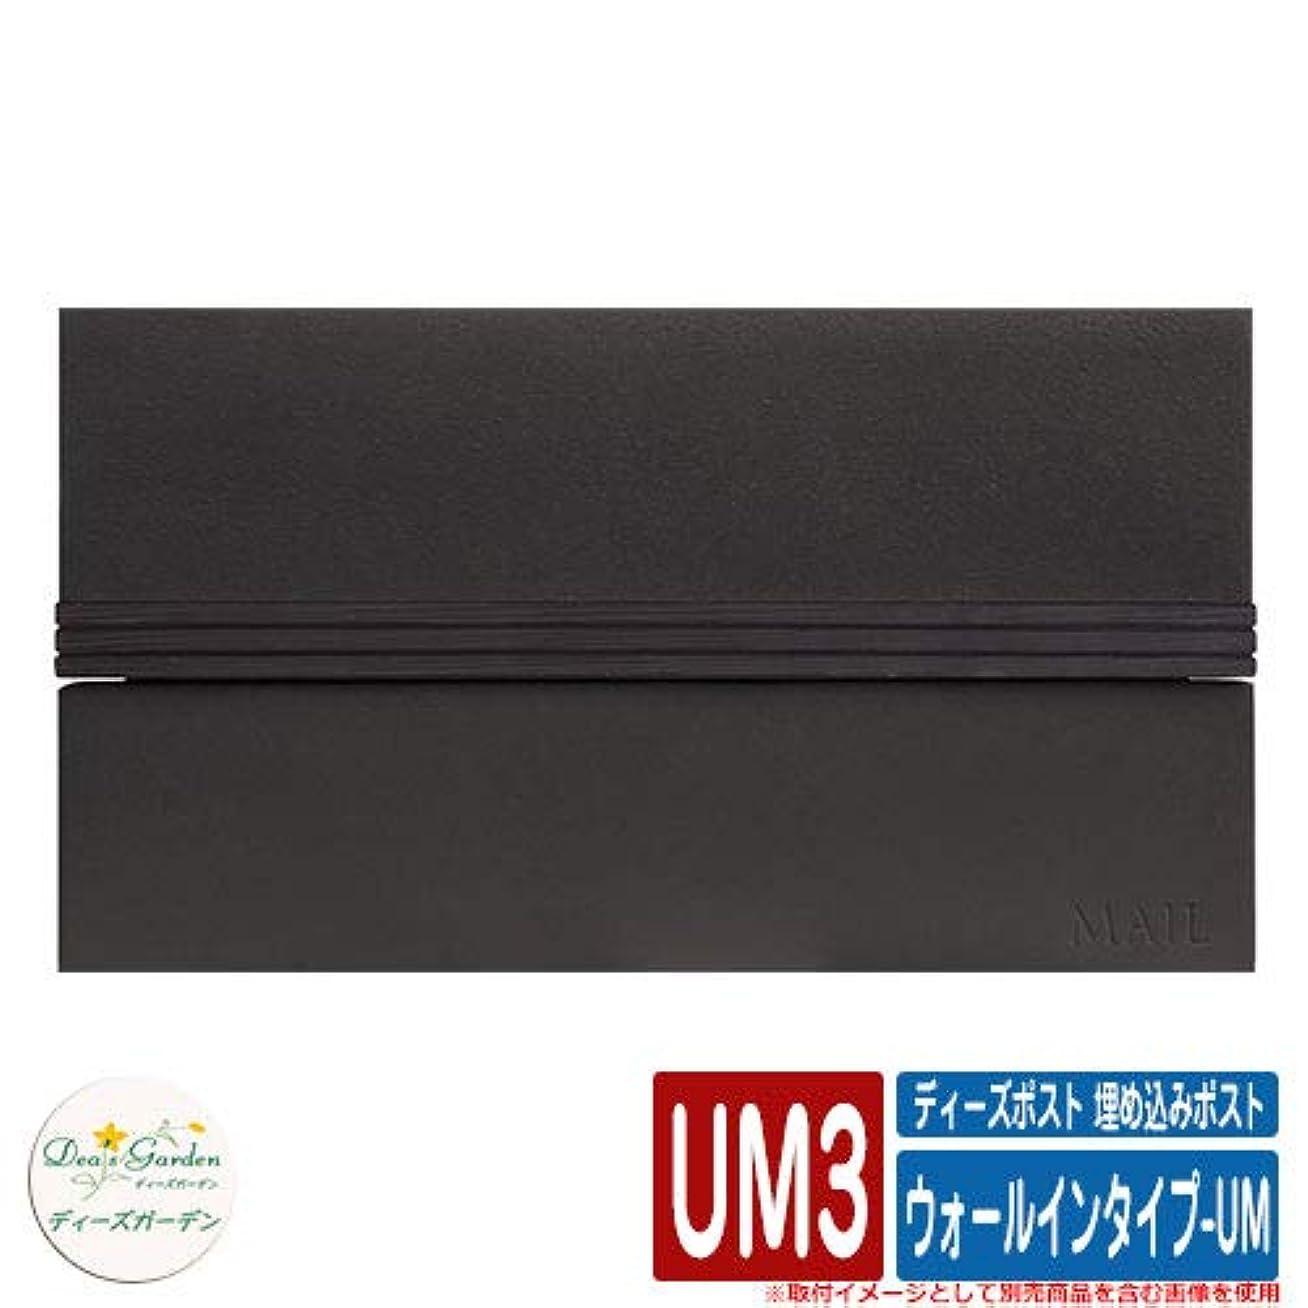 めるどこバーガーディーズポスト ウォールインタイプ-UM 埋め込みポスト UM3 カラー:22ダークG